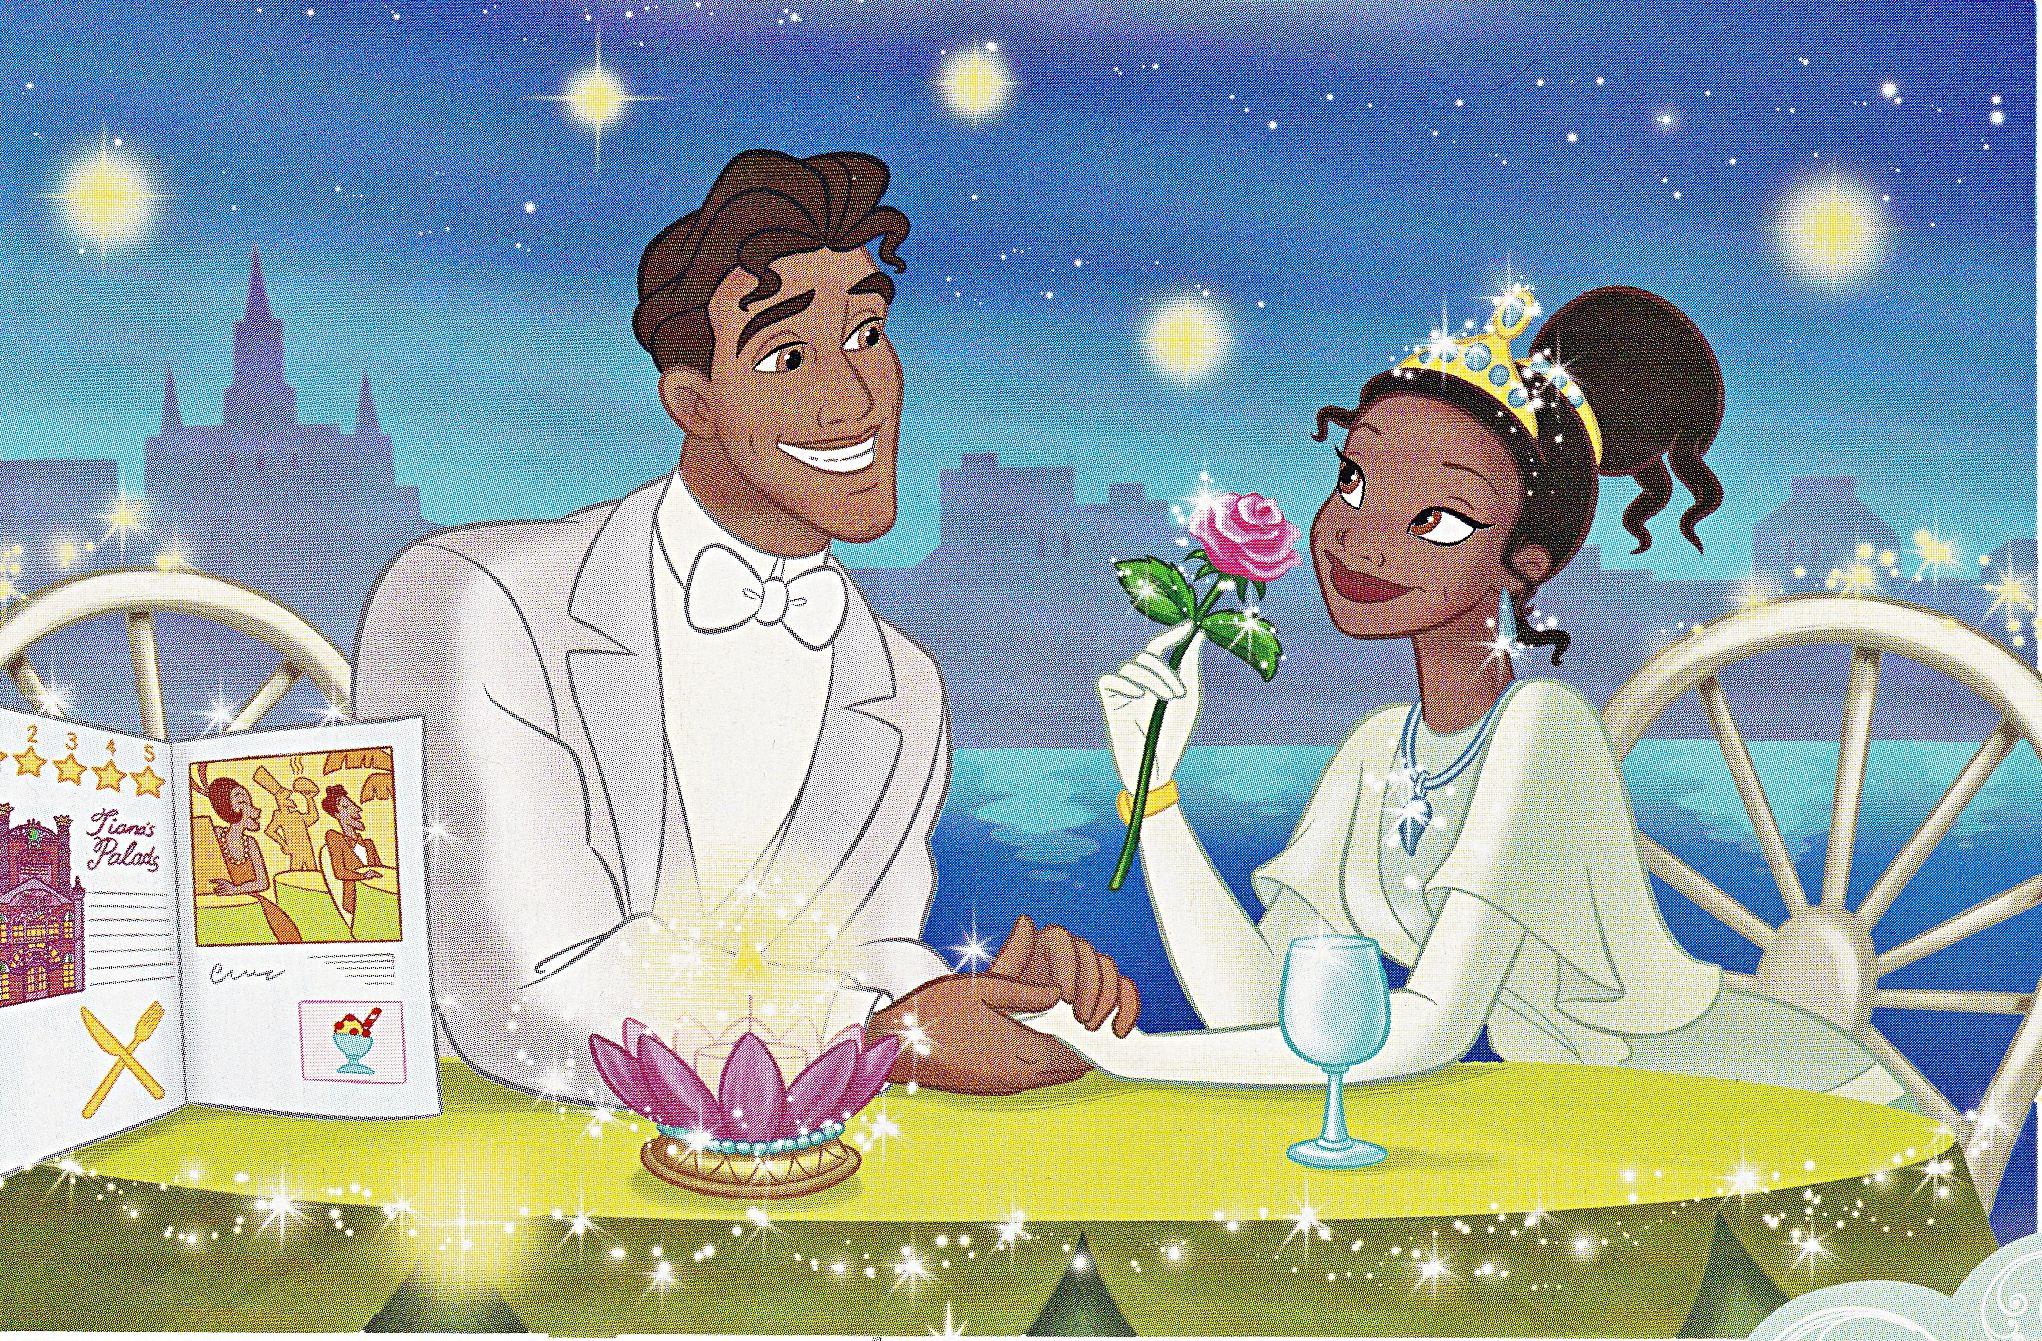 Le frasi d'amore più belle dei cartoni animati Disney